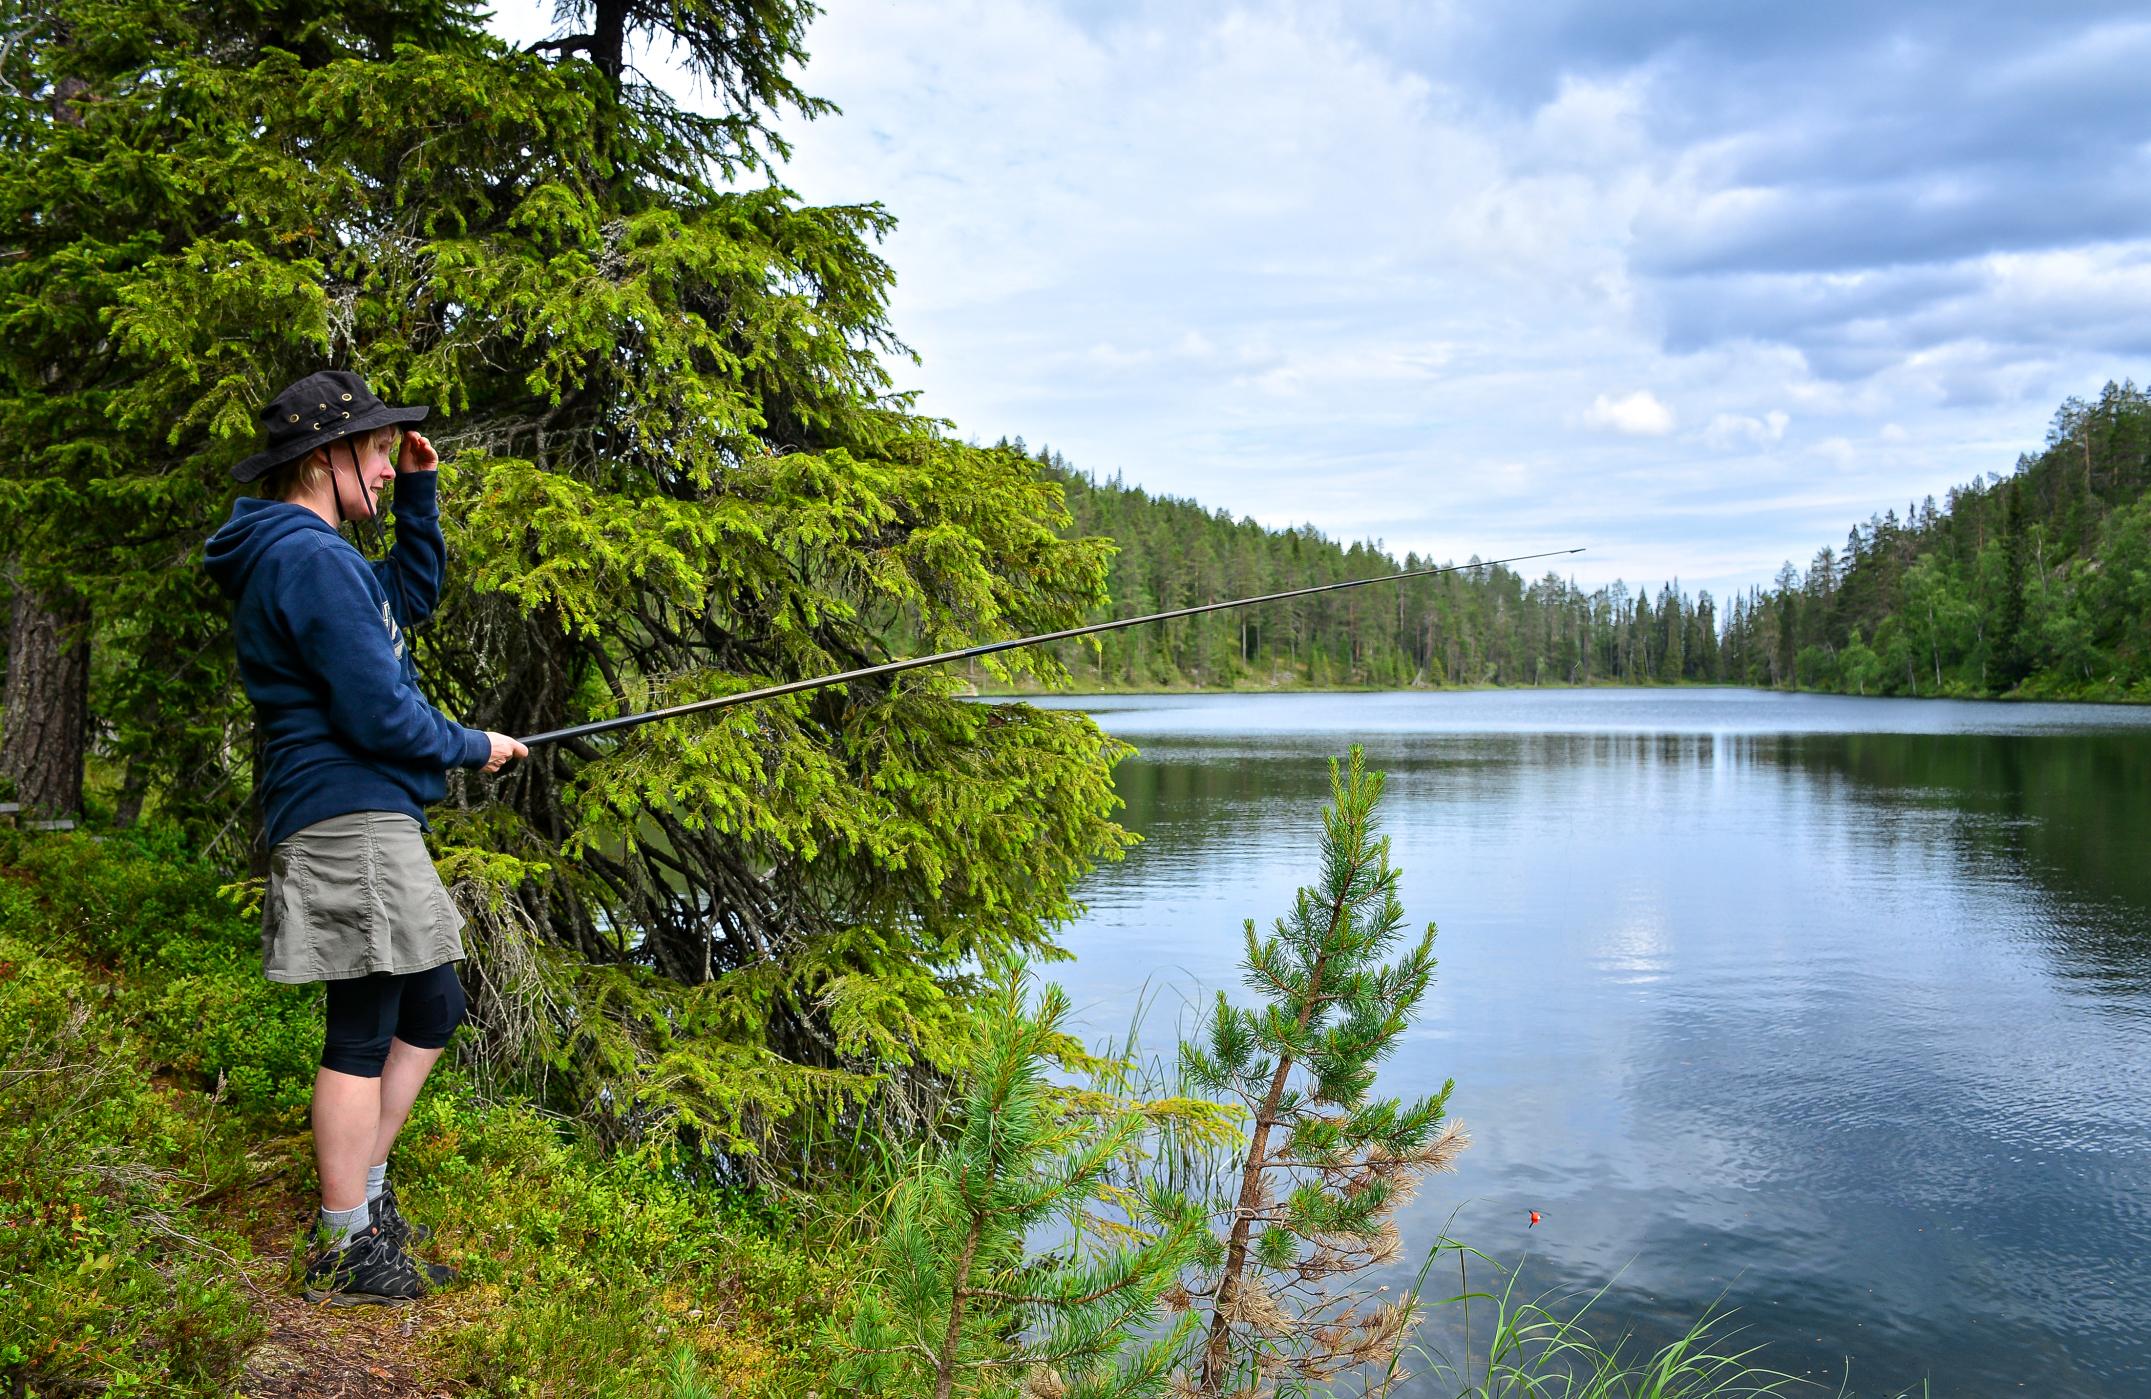 Best Fishing Spots Near Las Vegas